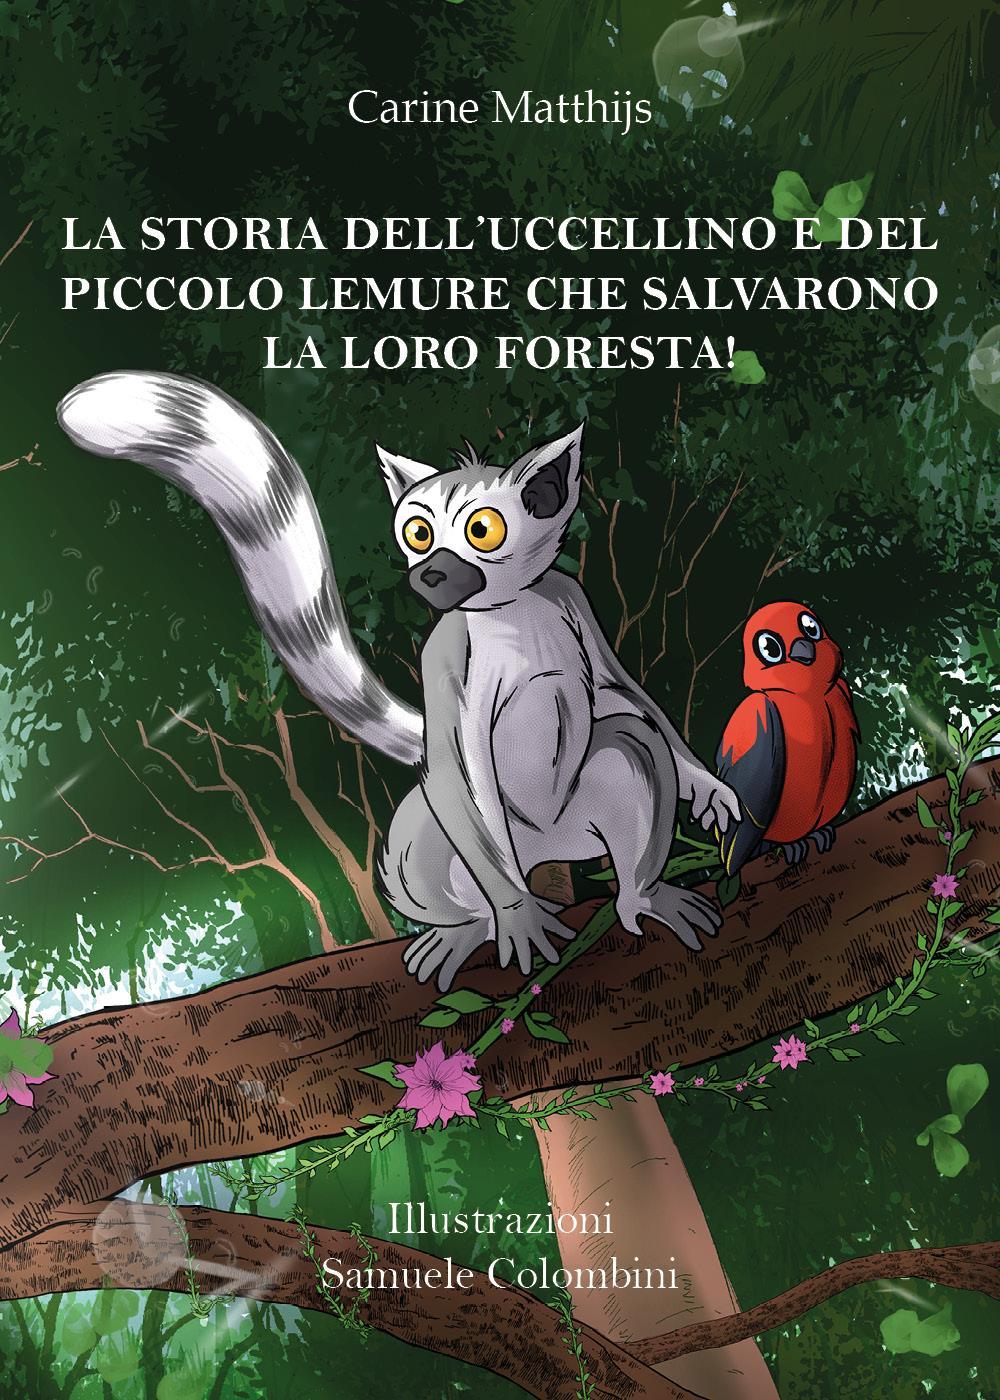 La storia dell'uccellino e del piccolo lemure che salvarono la loro foresta!